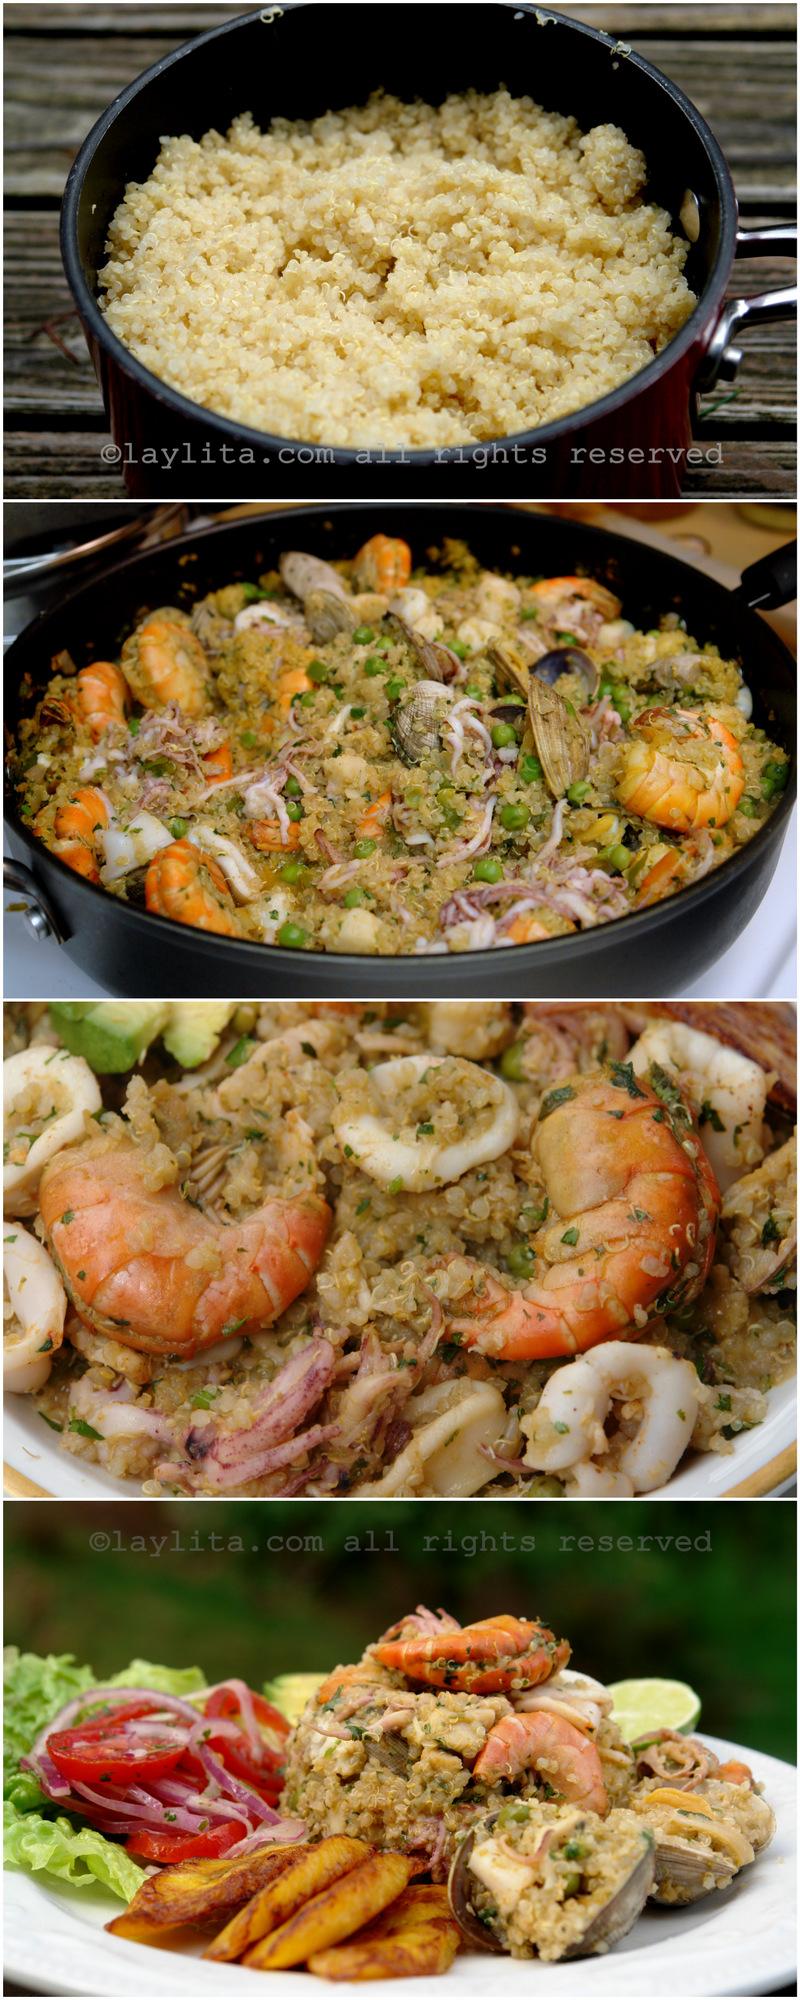 Préparation de la paella au quinoa